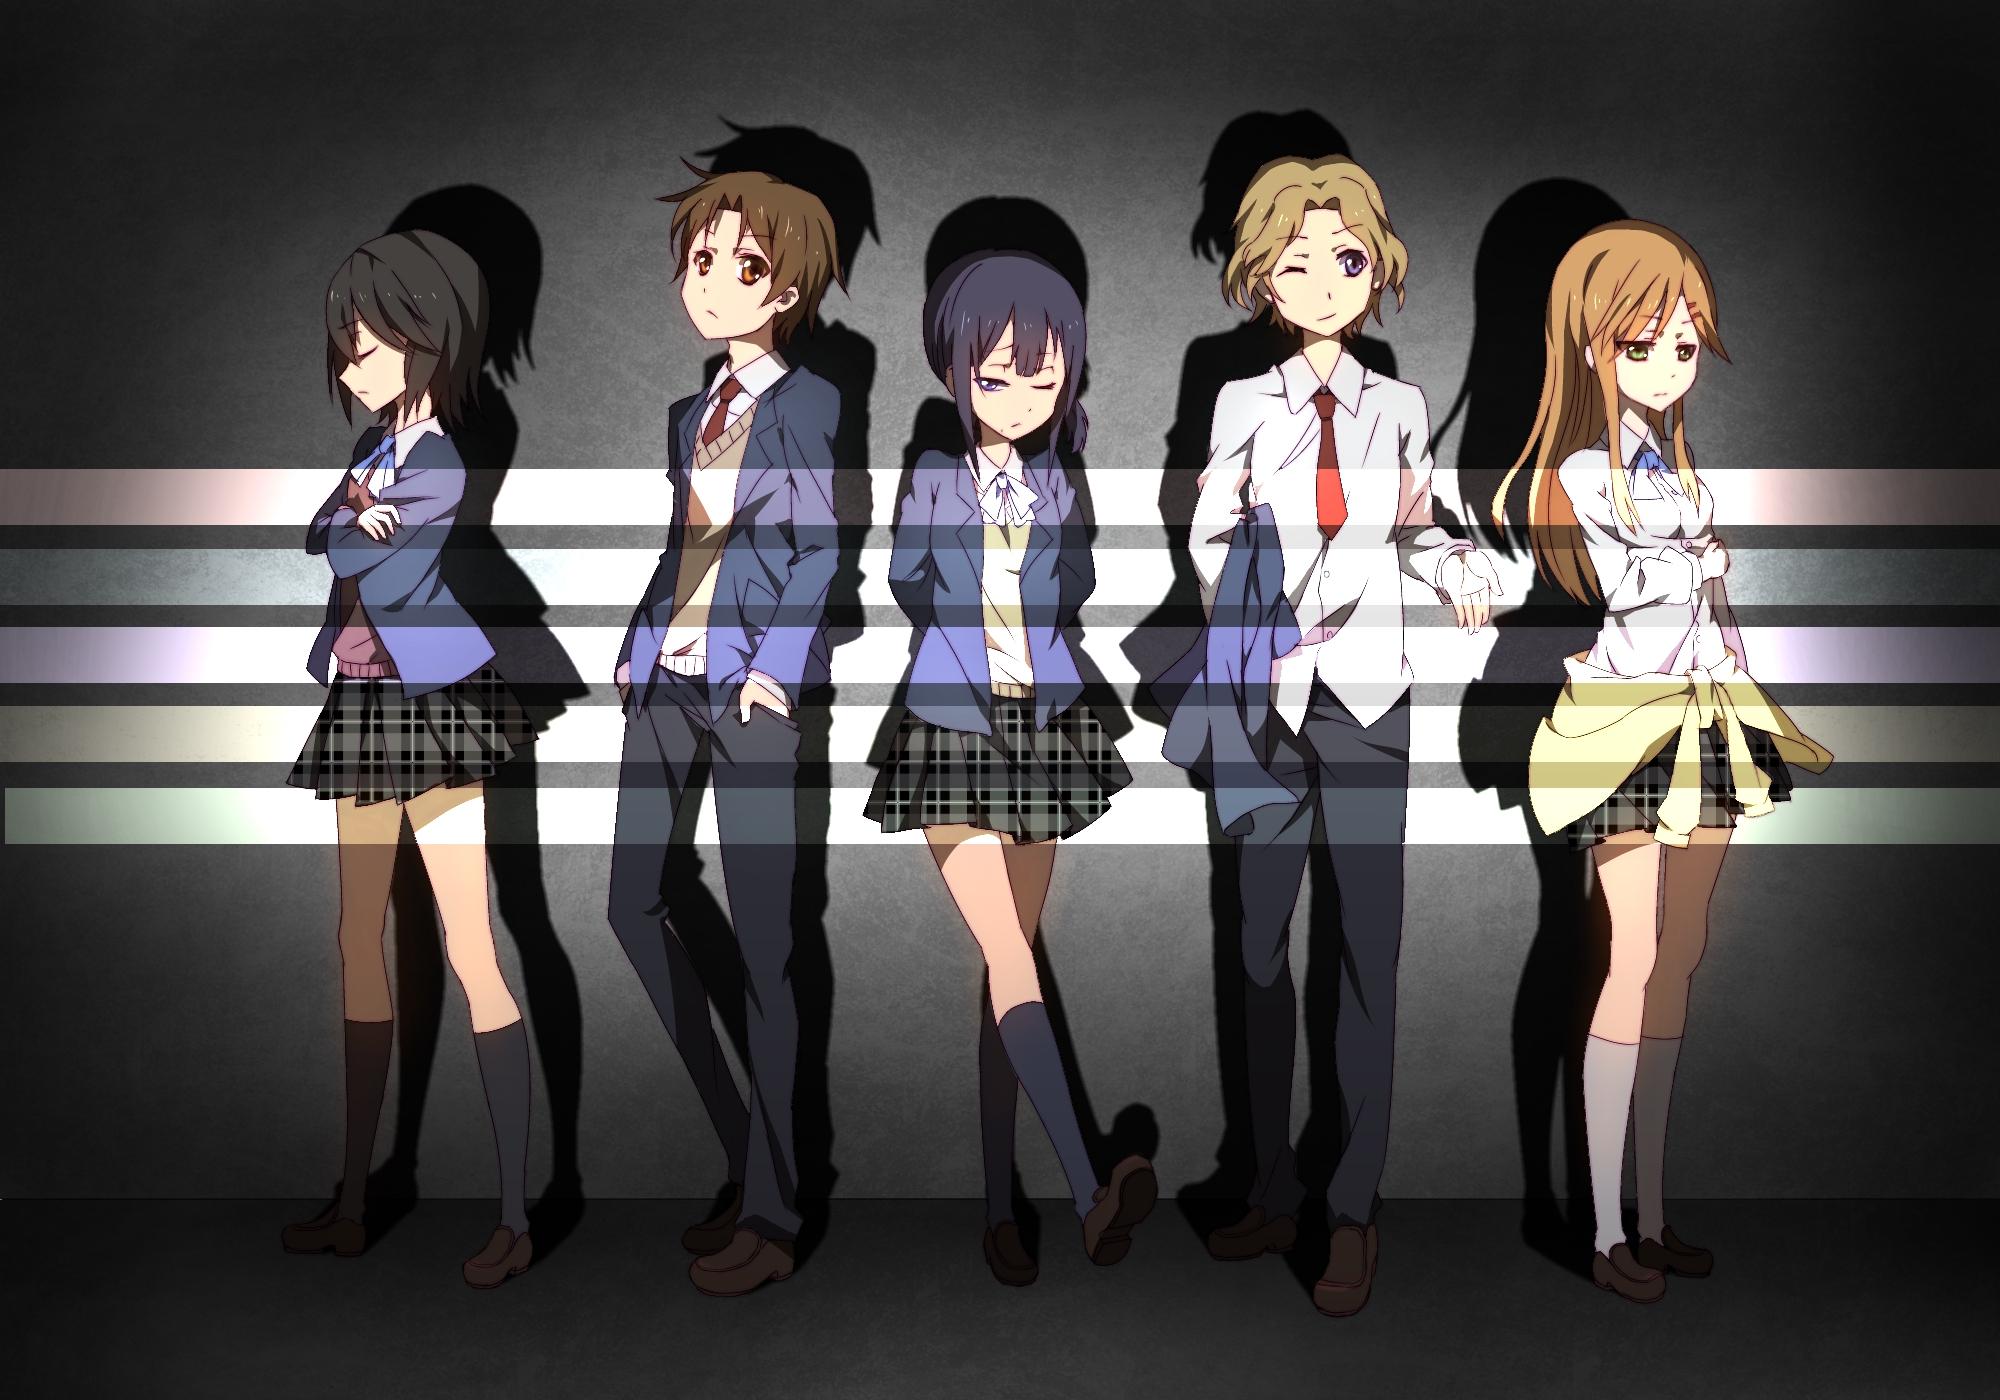 Tags: Kokoro Connect, Nagase Iori, Inaba Himeko, Kiriyama Yui, Aoki Yoshifumi, Yaegashi Taichi, Go Sai (475789336)